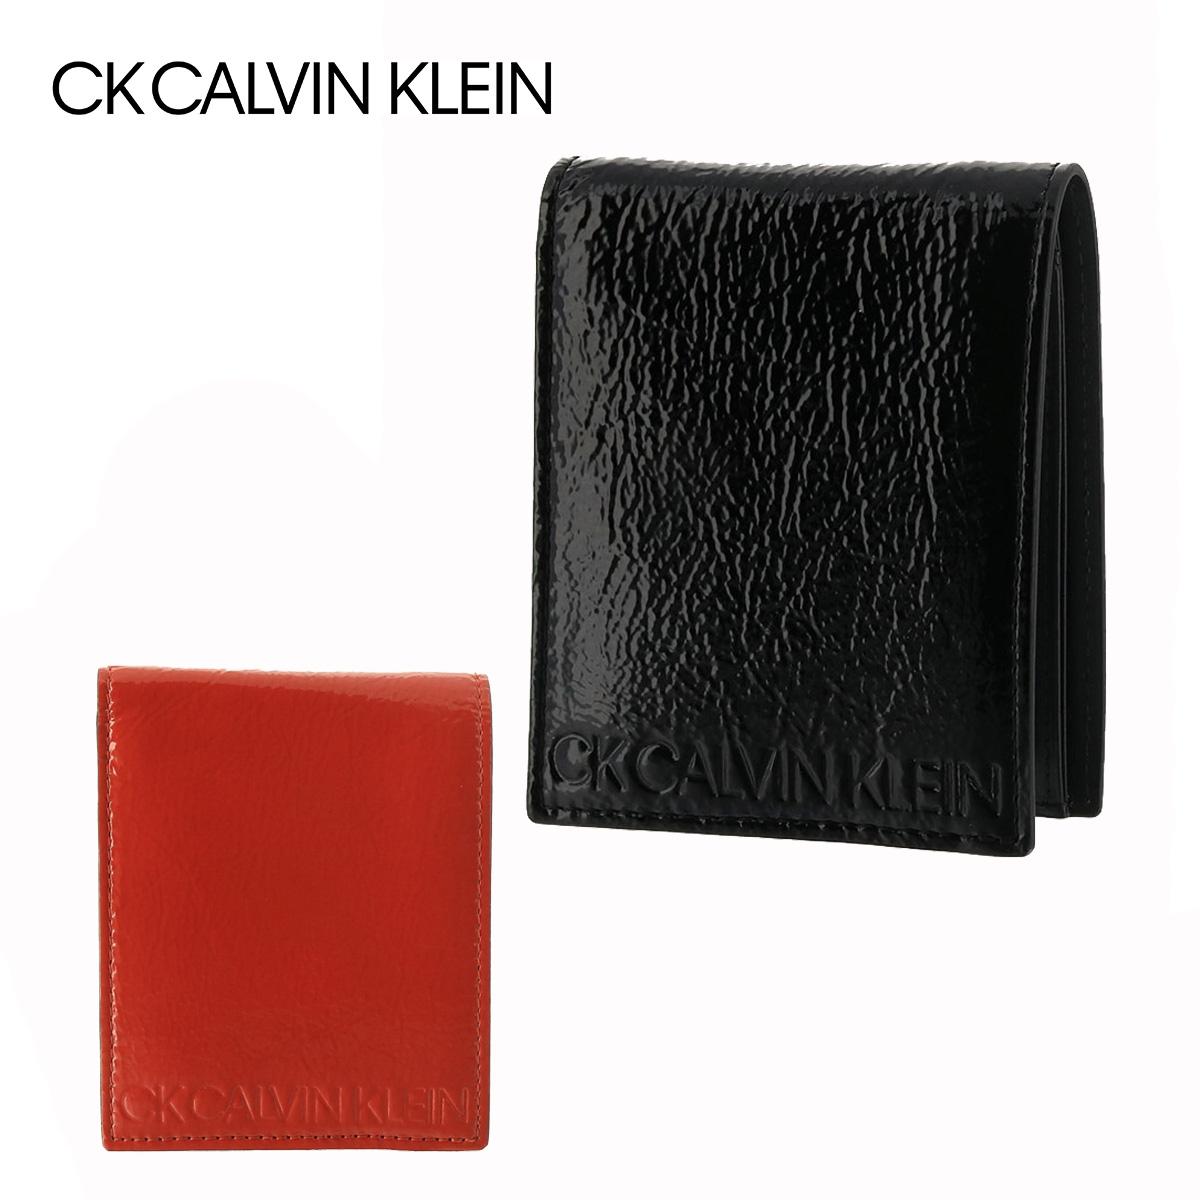 シーケーカルバンクライン 二つ折り財布 BOX型小銭入れ リンクルパテント メンズ 827612 CK CALVIN KLEIN   牛革 本革 レザー ブランド専用BOX付き[PO5][bef]